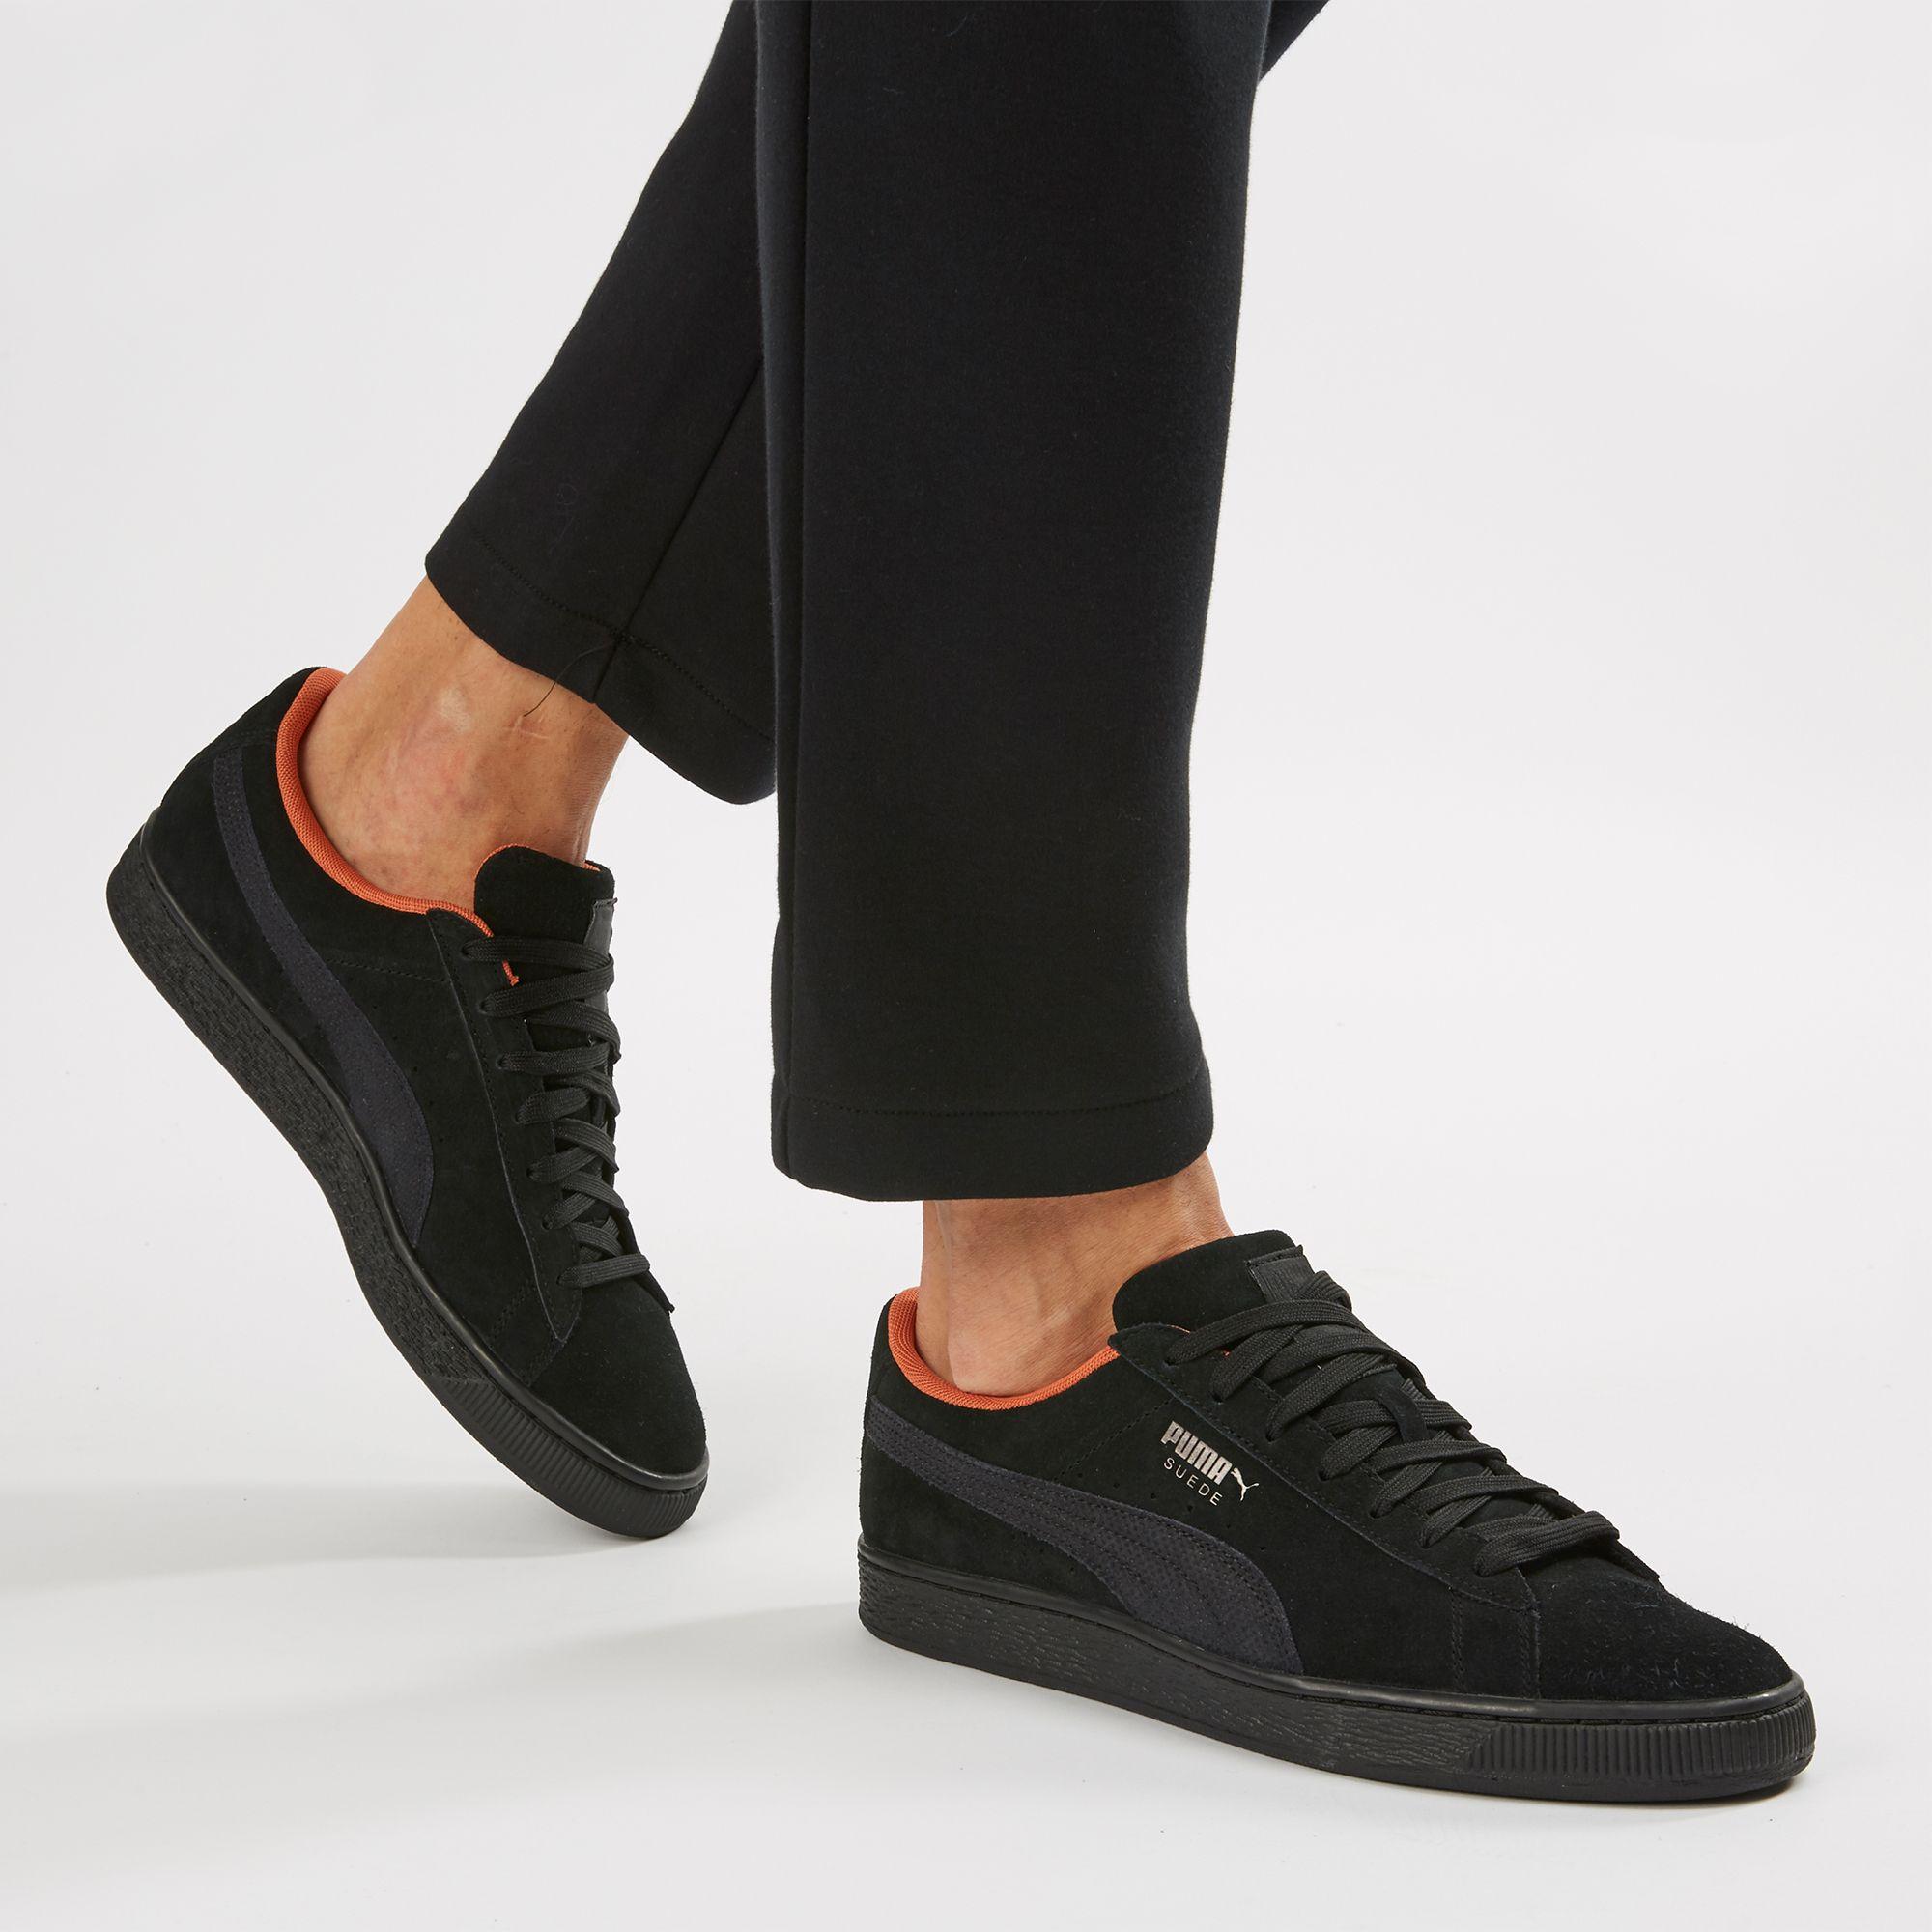 787c3f1539c866 PUMA Suede Classic Tonal Nu Skool Shoe